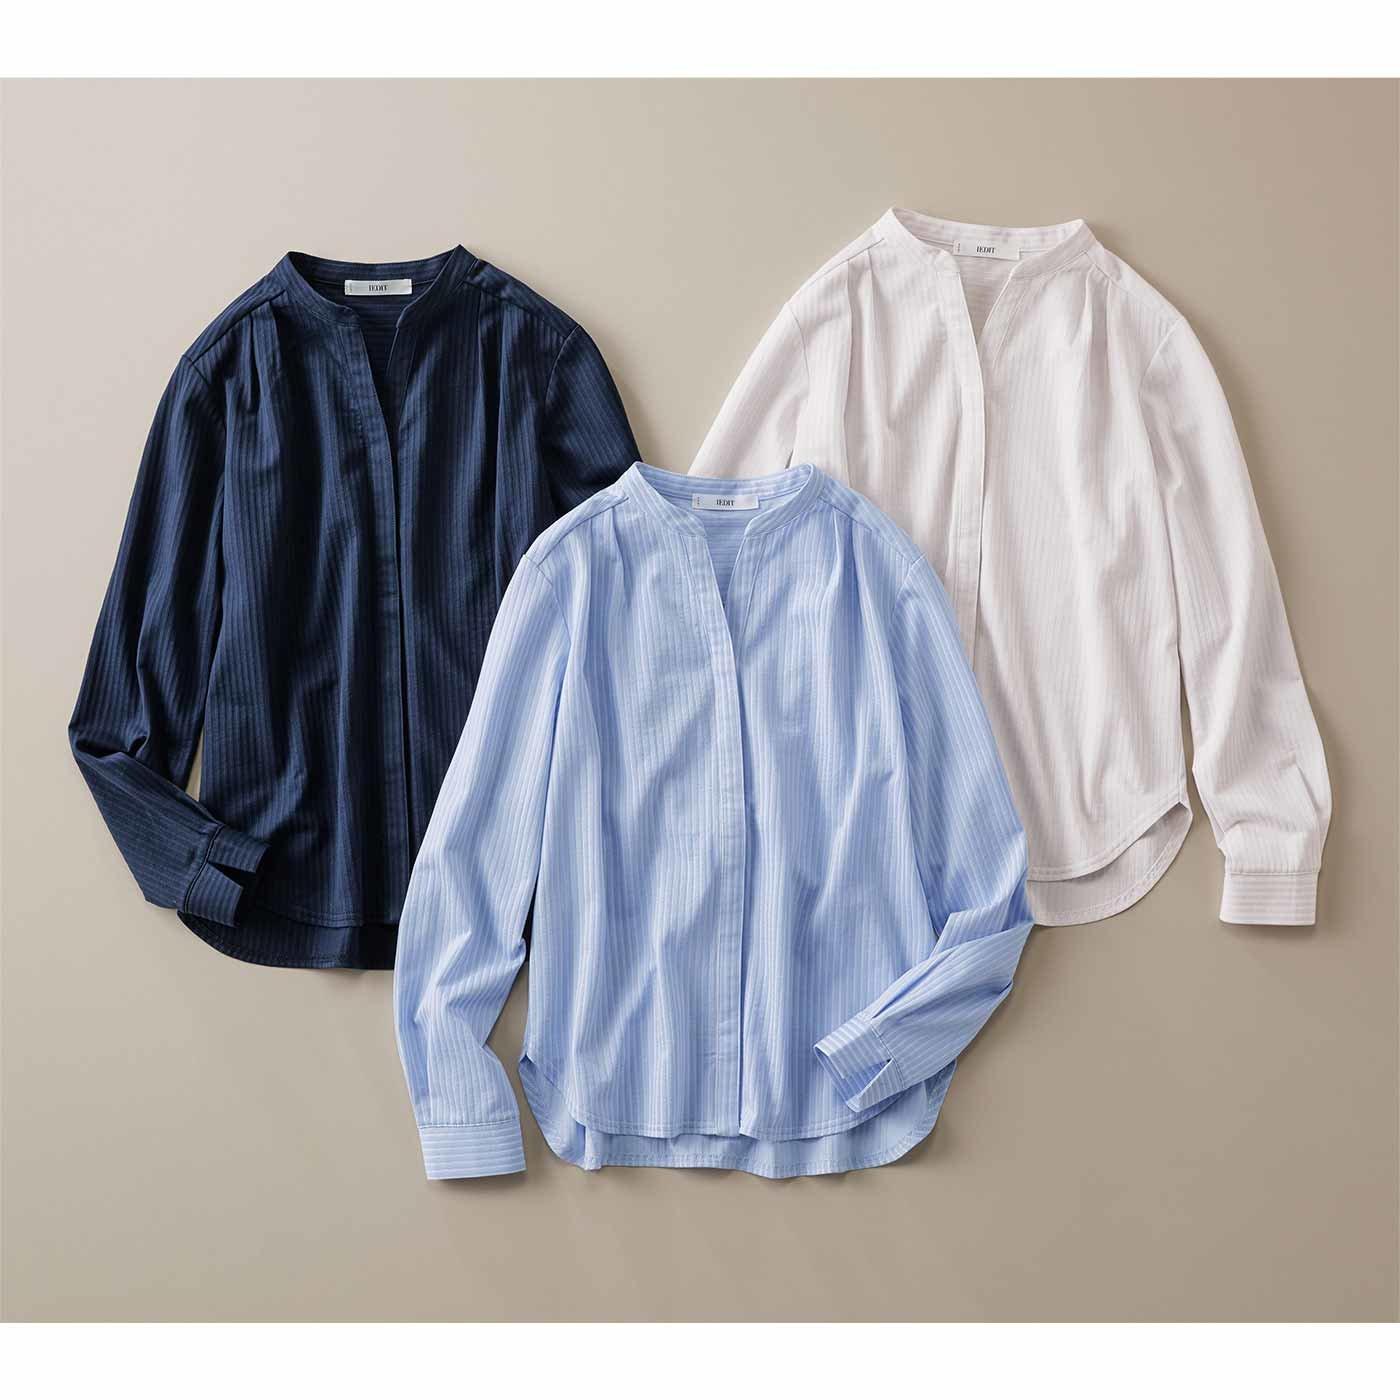 IEDIT[イディット] きちんとシャツ見えする らくちん伸びやかなカットソーシャツブラウスの会